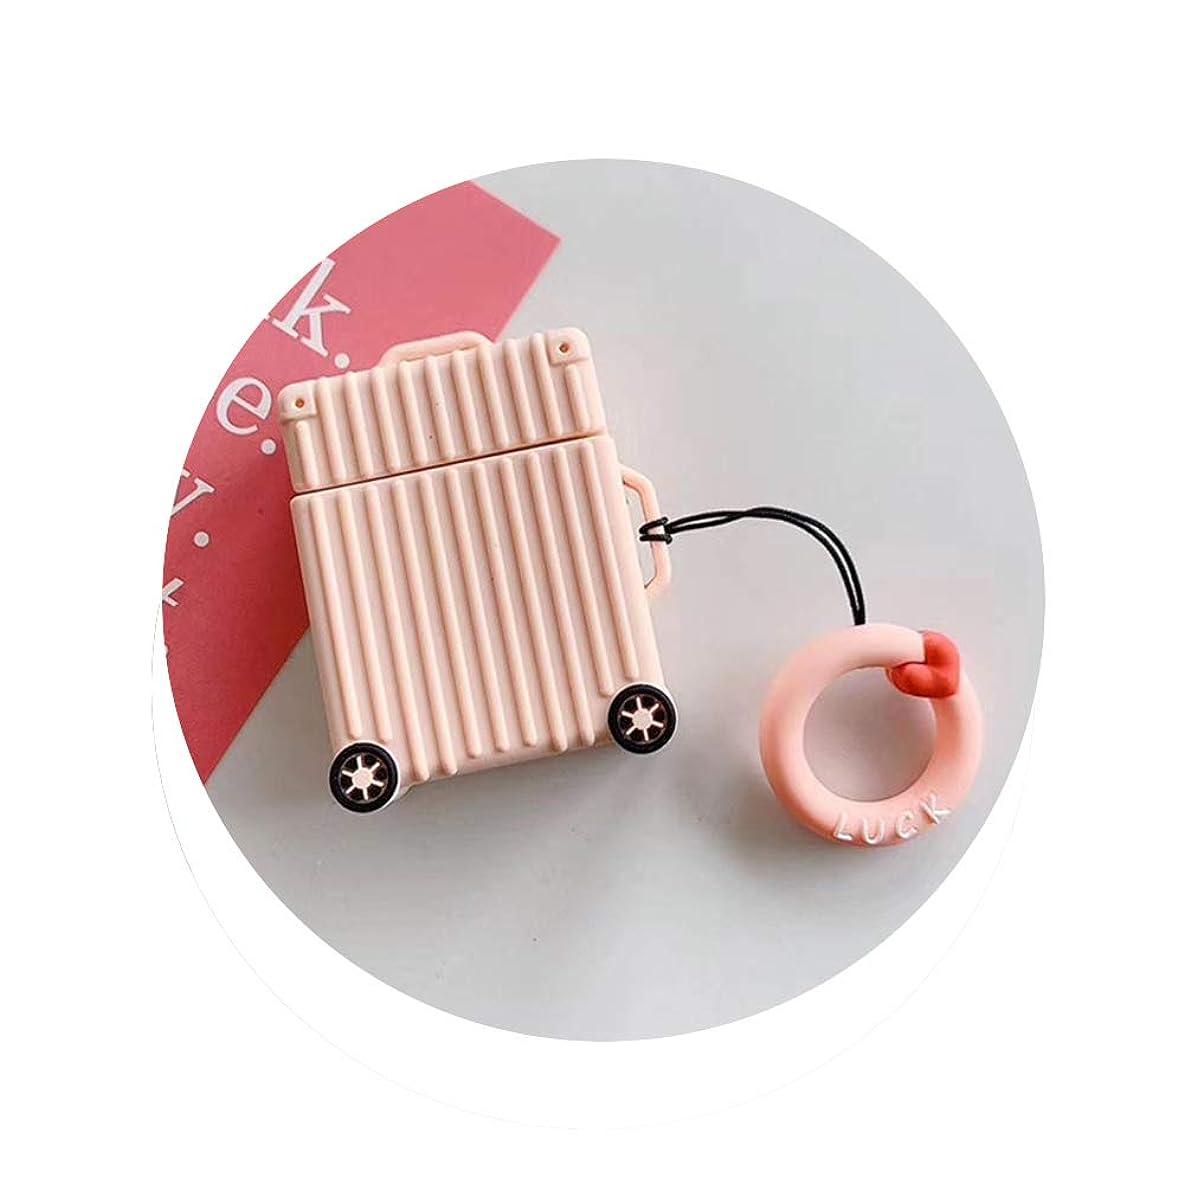 ヒギンズ宿泊誰Apple AirPods 専用 シリコン ケース カバー キーリング付き 可愛い デザイン 旅行箱 落下防止 耐衝撃 防塵 擦り傷 汚れ 保護(ピンク)